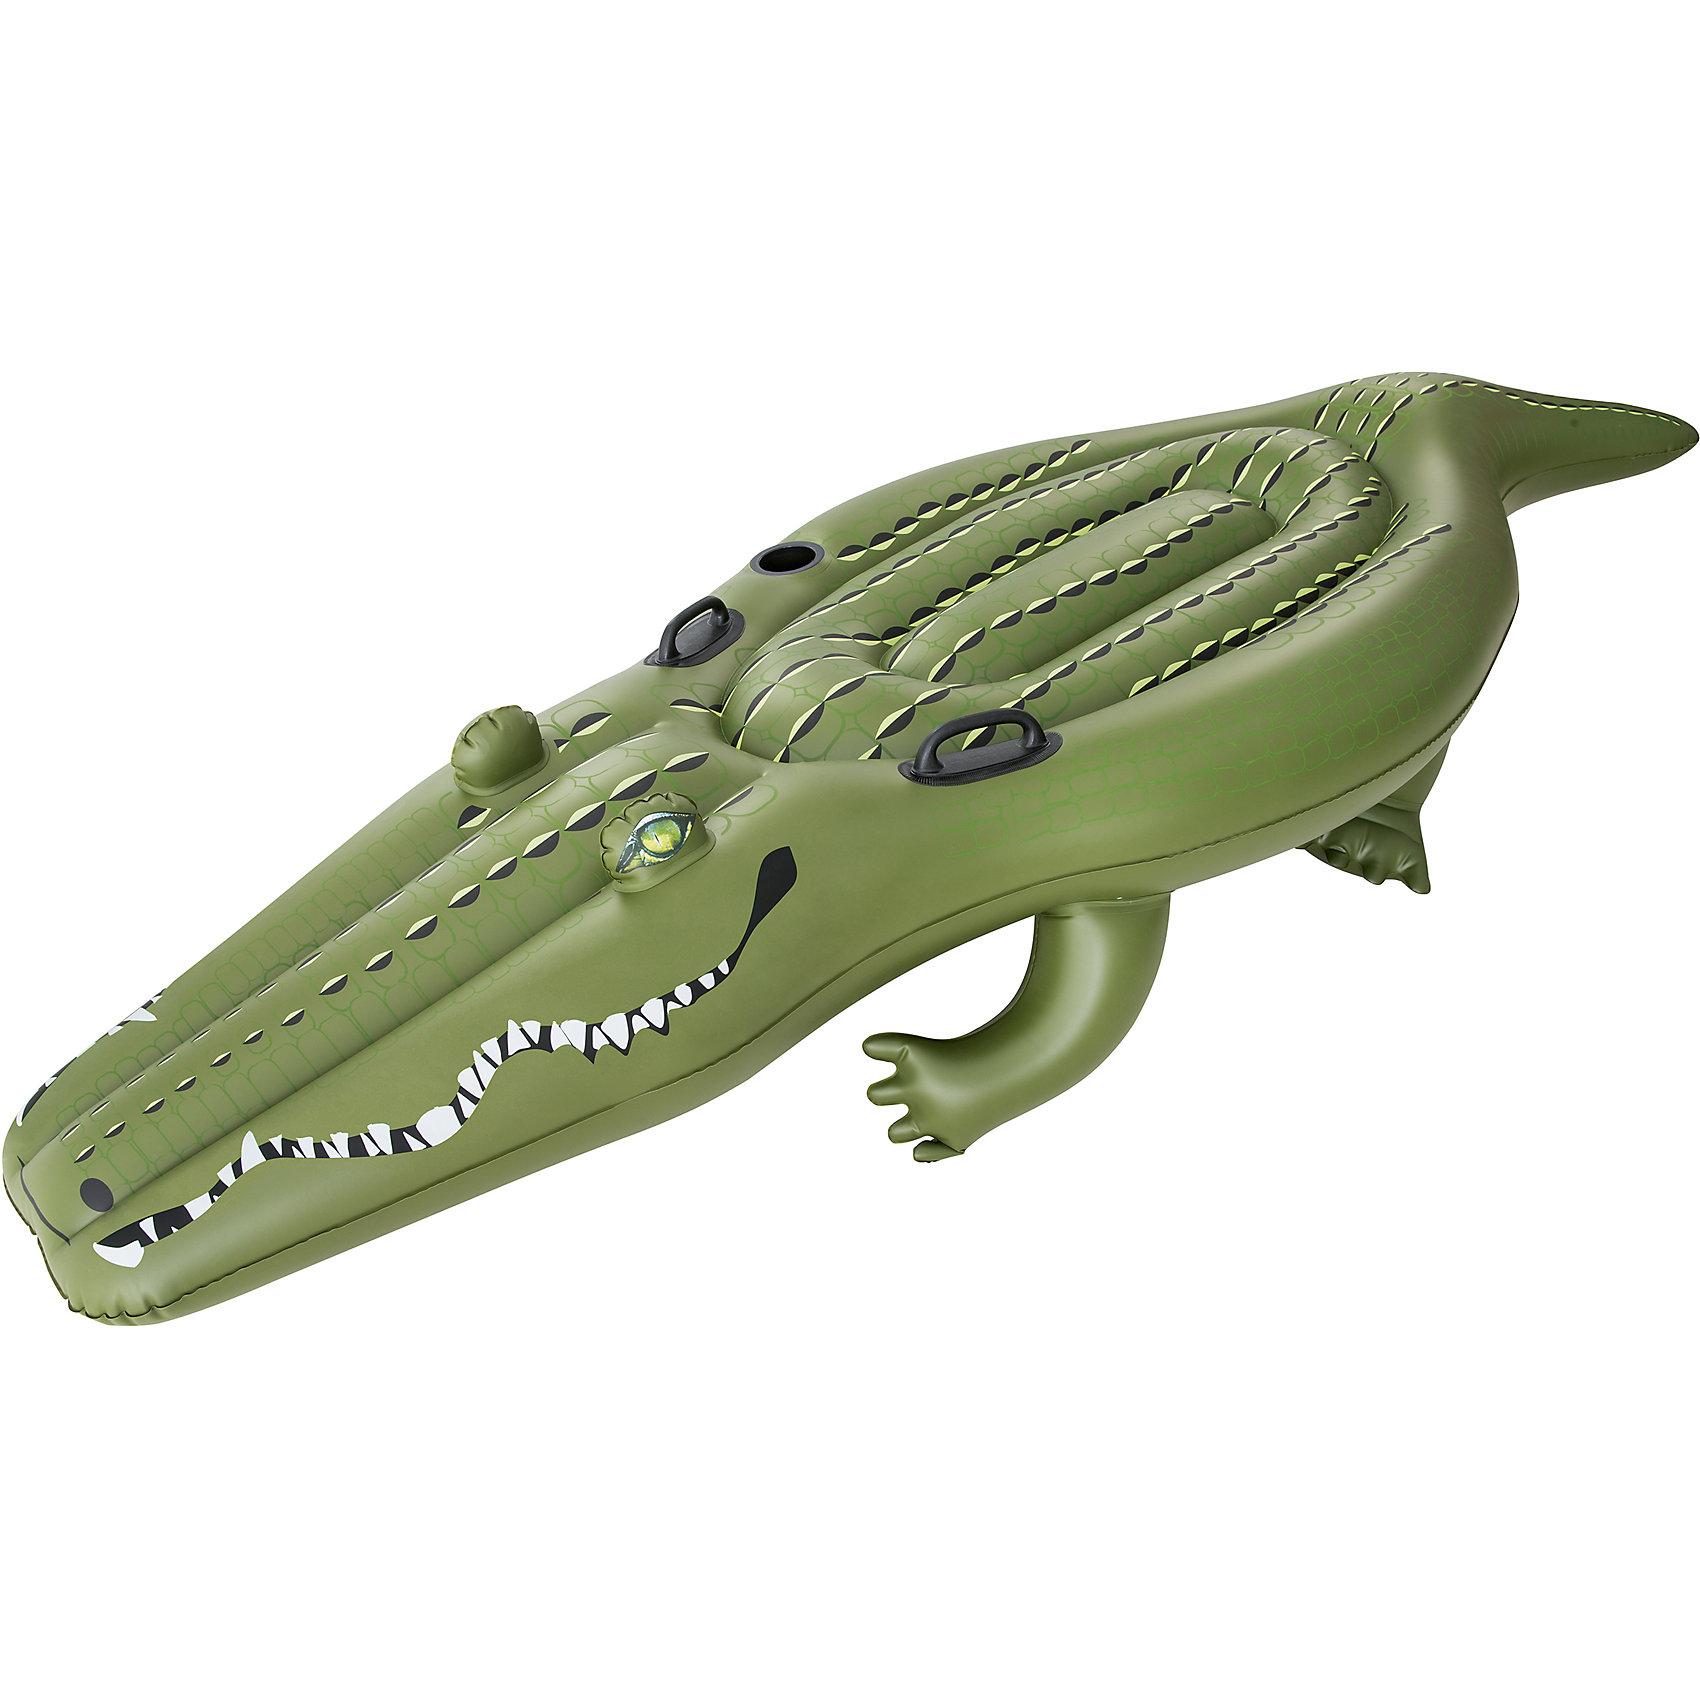 Надувной крокодил для катания верхом, BestwayМатрасы и лодки<br>Надувной крокодил для катания верхом, Bestway (Бествей)<br><br>Характеристики:<br><br>• вместительный крокодил для всей семьи<br>• есть отверстие для стакана<br>• прочные ручки<br>• заплатка в комплекте<br>• материал: ПВХ<br>• размер: 259х104 см<br>• вес: 3,7 кг<br>• размер упаковки: 11х40х39 см<br><br>Большой надувной крокодил никого не оставит равнодушным! Большая поверхность плавательного средства подойдет для каждого члена семьи.  Для вашего удобства крокодил оснащен удобными ручками и отверстием для стакана с напитками.<br><br>Надувного крокодила для катания верхом, Bestway (Бествей) можно купить в нашем интернет-магазине.<br><br>Ширина мм: 420<br>Глубина мм: 335<br>Высота мм: 415<br>Вес г: 3689<br>Возраст от месяцев: 36<br>Возраст до месяцев: 2147483647<br>Пол: Унисекс<br>Возраст: Детский<br>SKU: 5486888